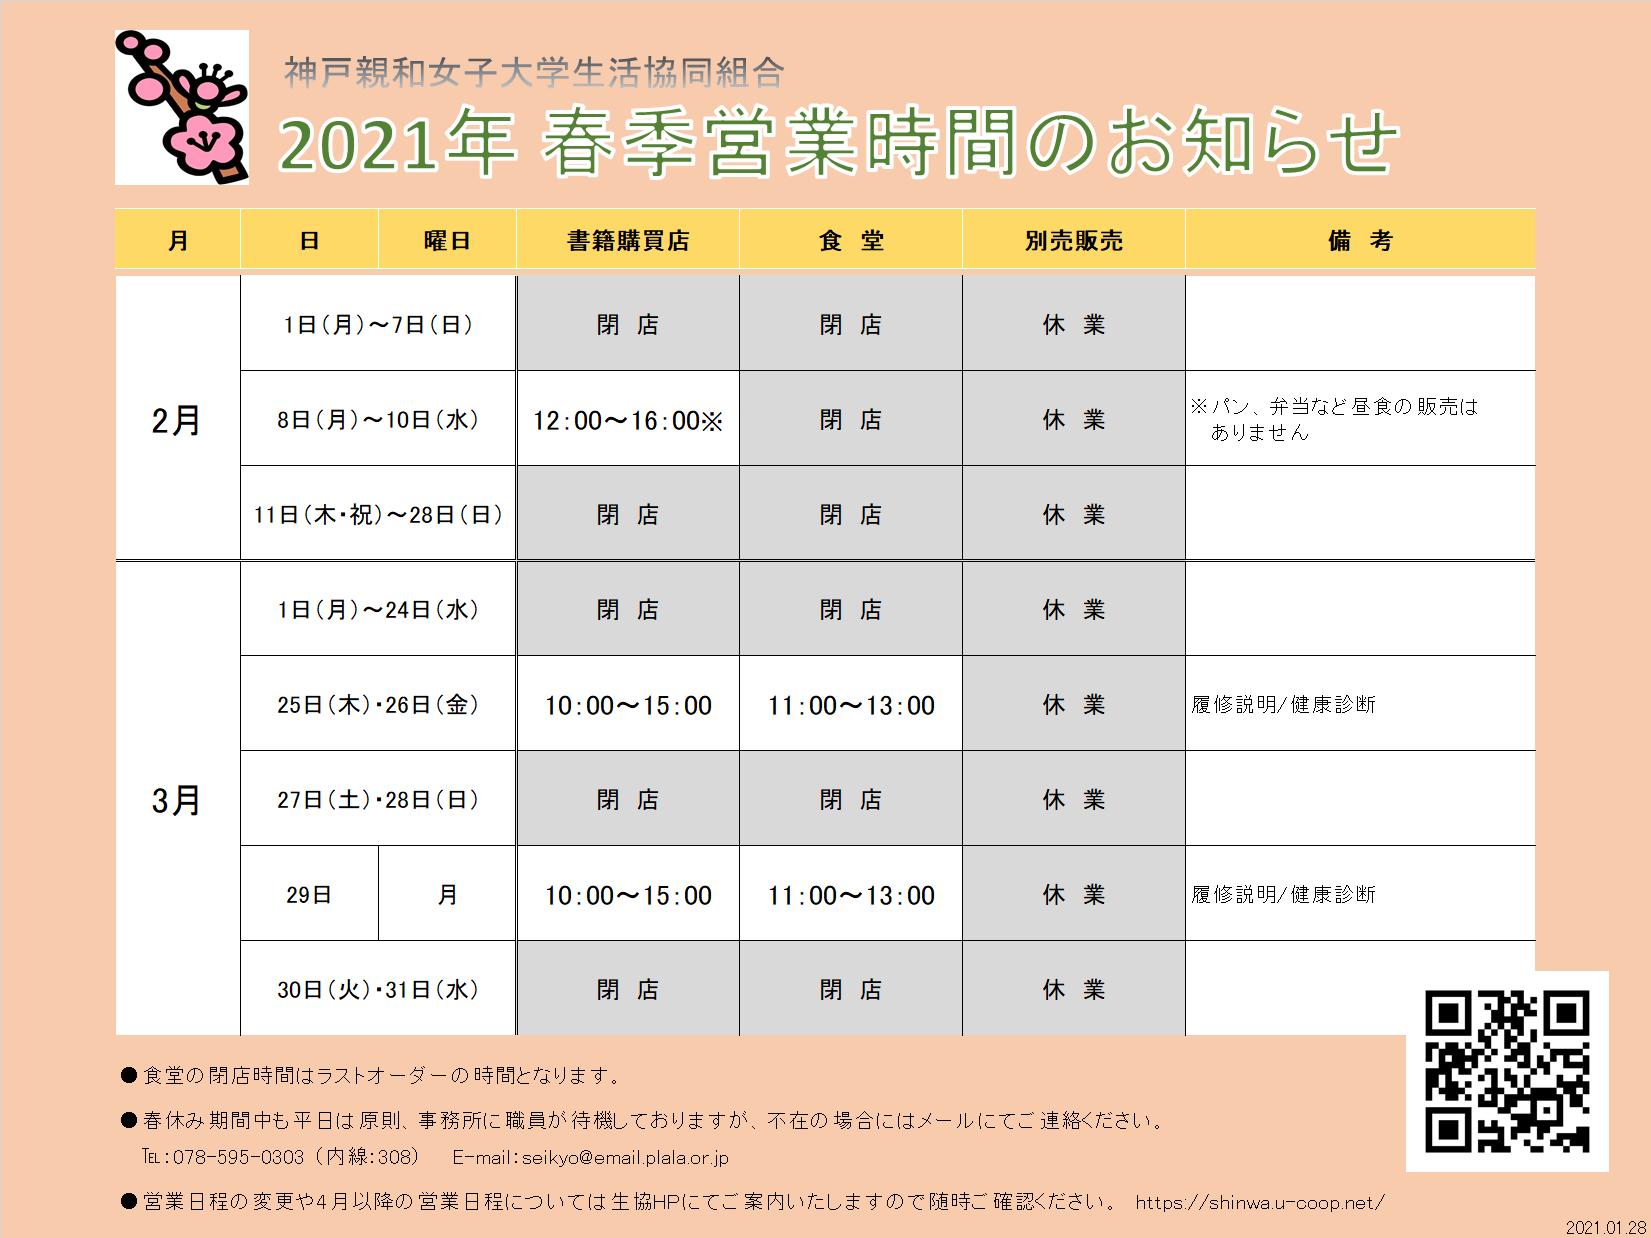 2021春季営業日程.png